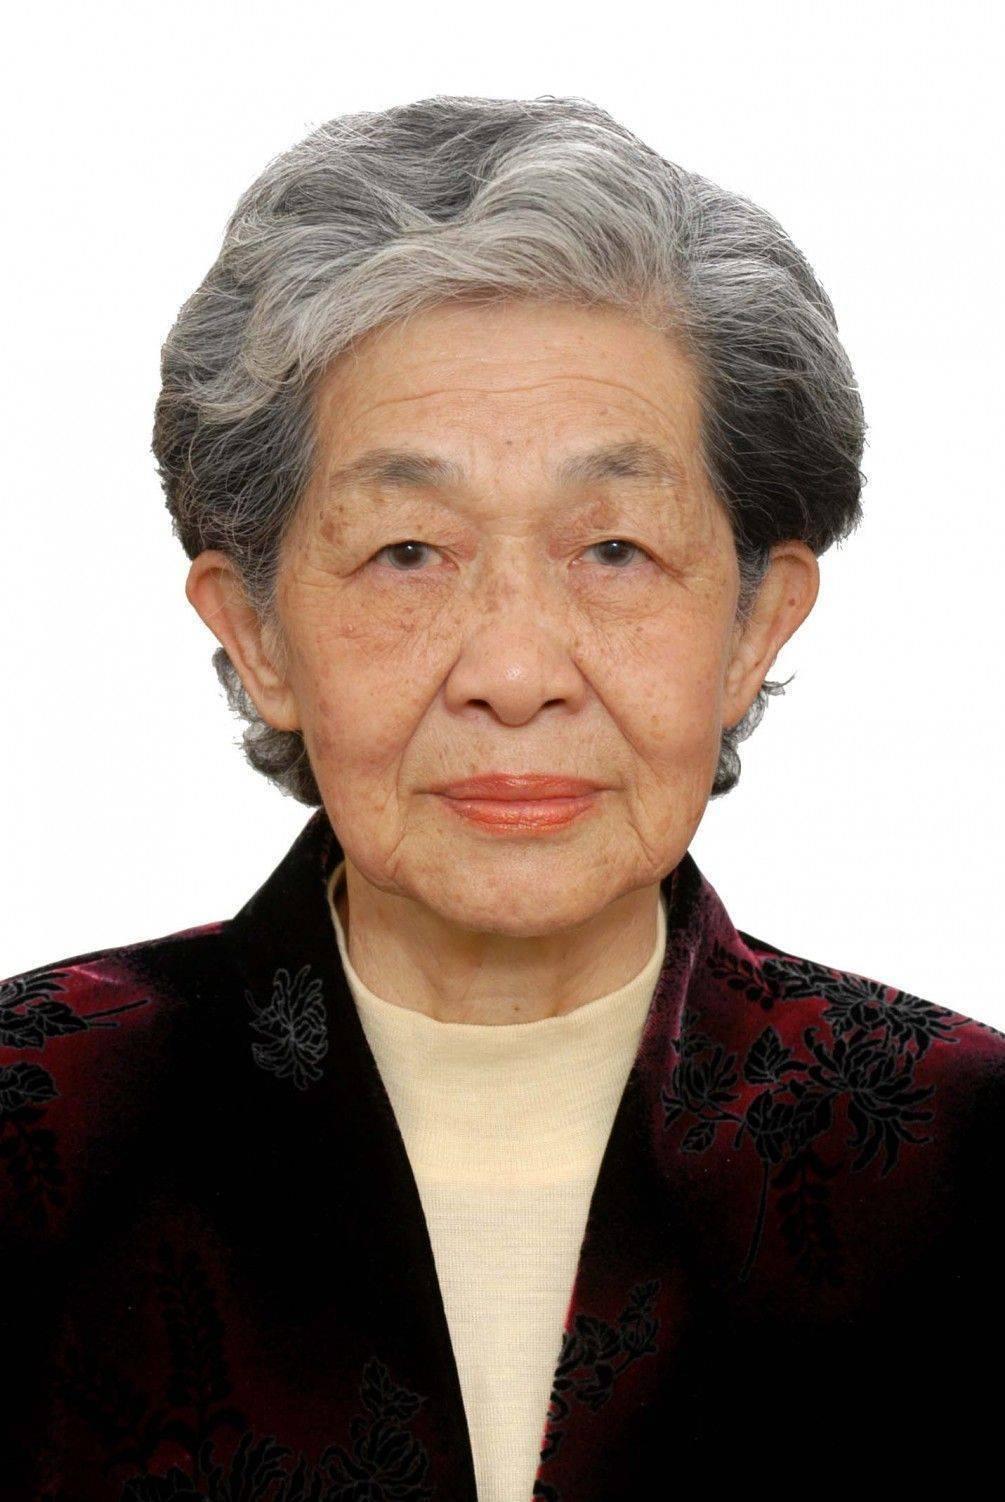 中國創業報社長施鋒陽社長將母親施母莊蕙米女士喪葬費做為愛心公益